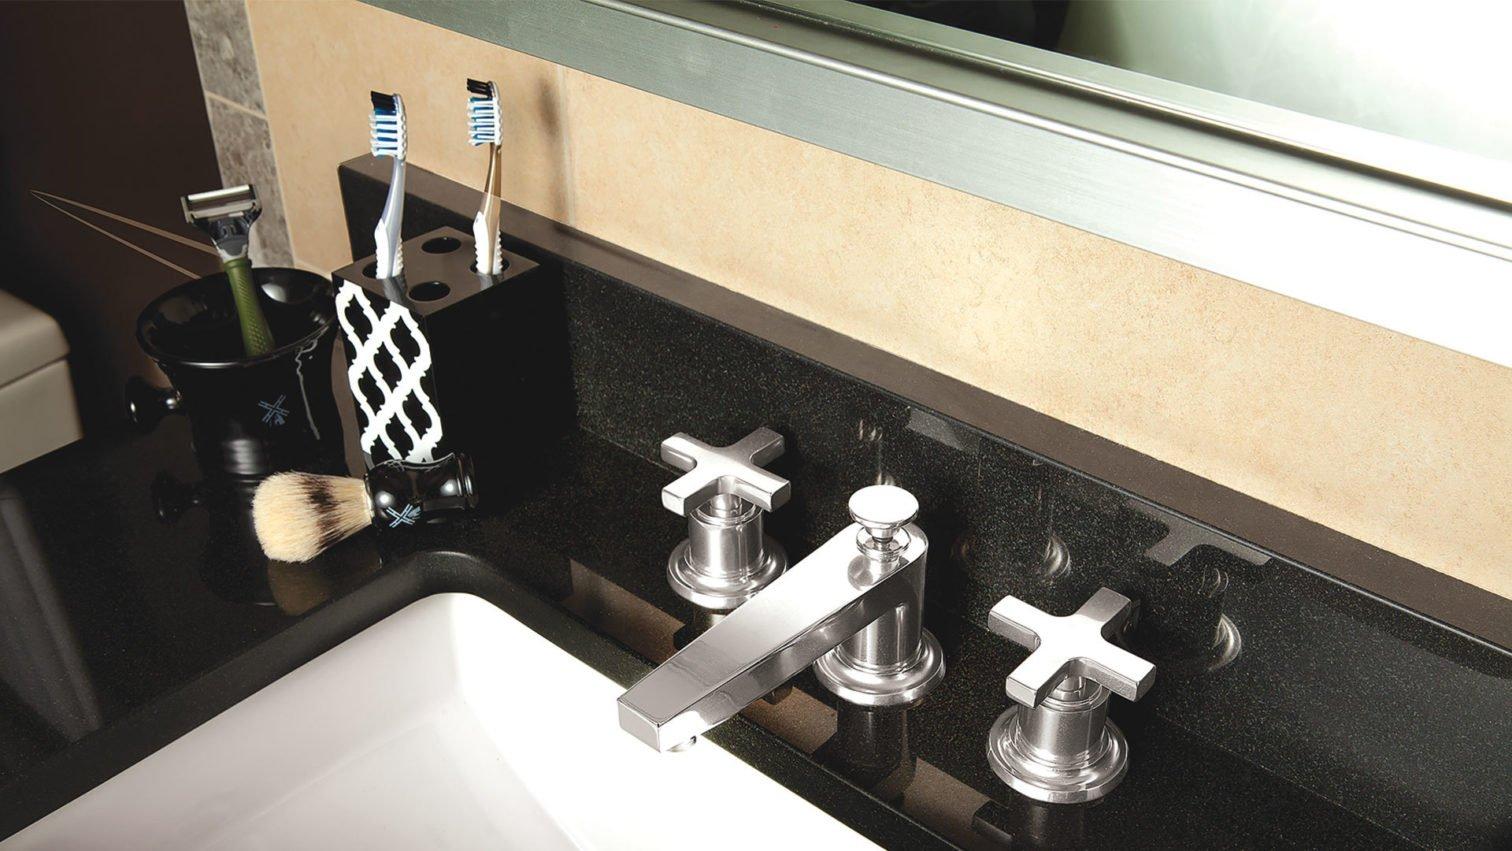 Rincon Bay Widespread faucet in satin nickel on bathroom sink